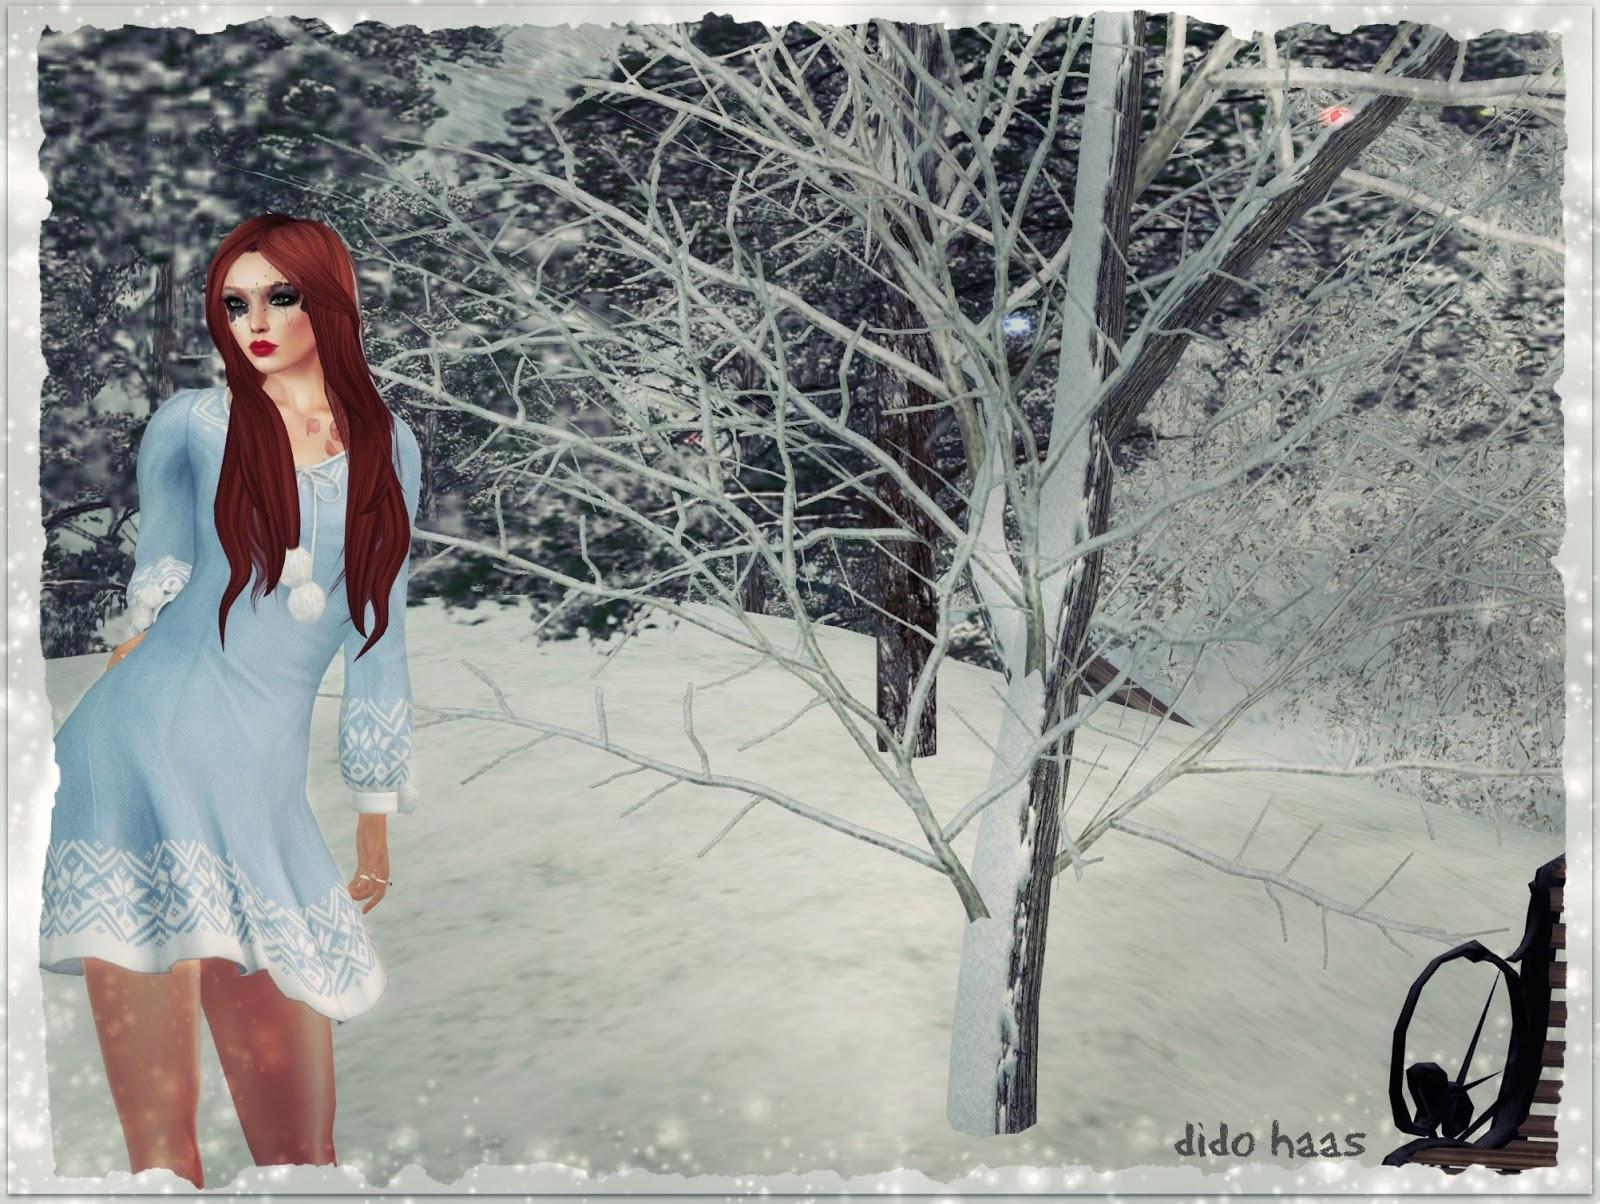 http://2.bp.blogspot.com/-2R-YvCewpwk/UNsOrAyUj4I/AAAAAAAAIfM/ipY3QYRyZ9k/s1600/GField+Xmas+gift+front.jpg